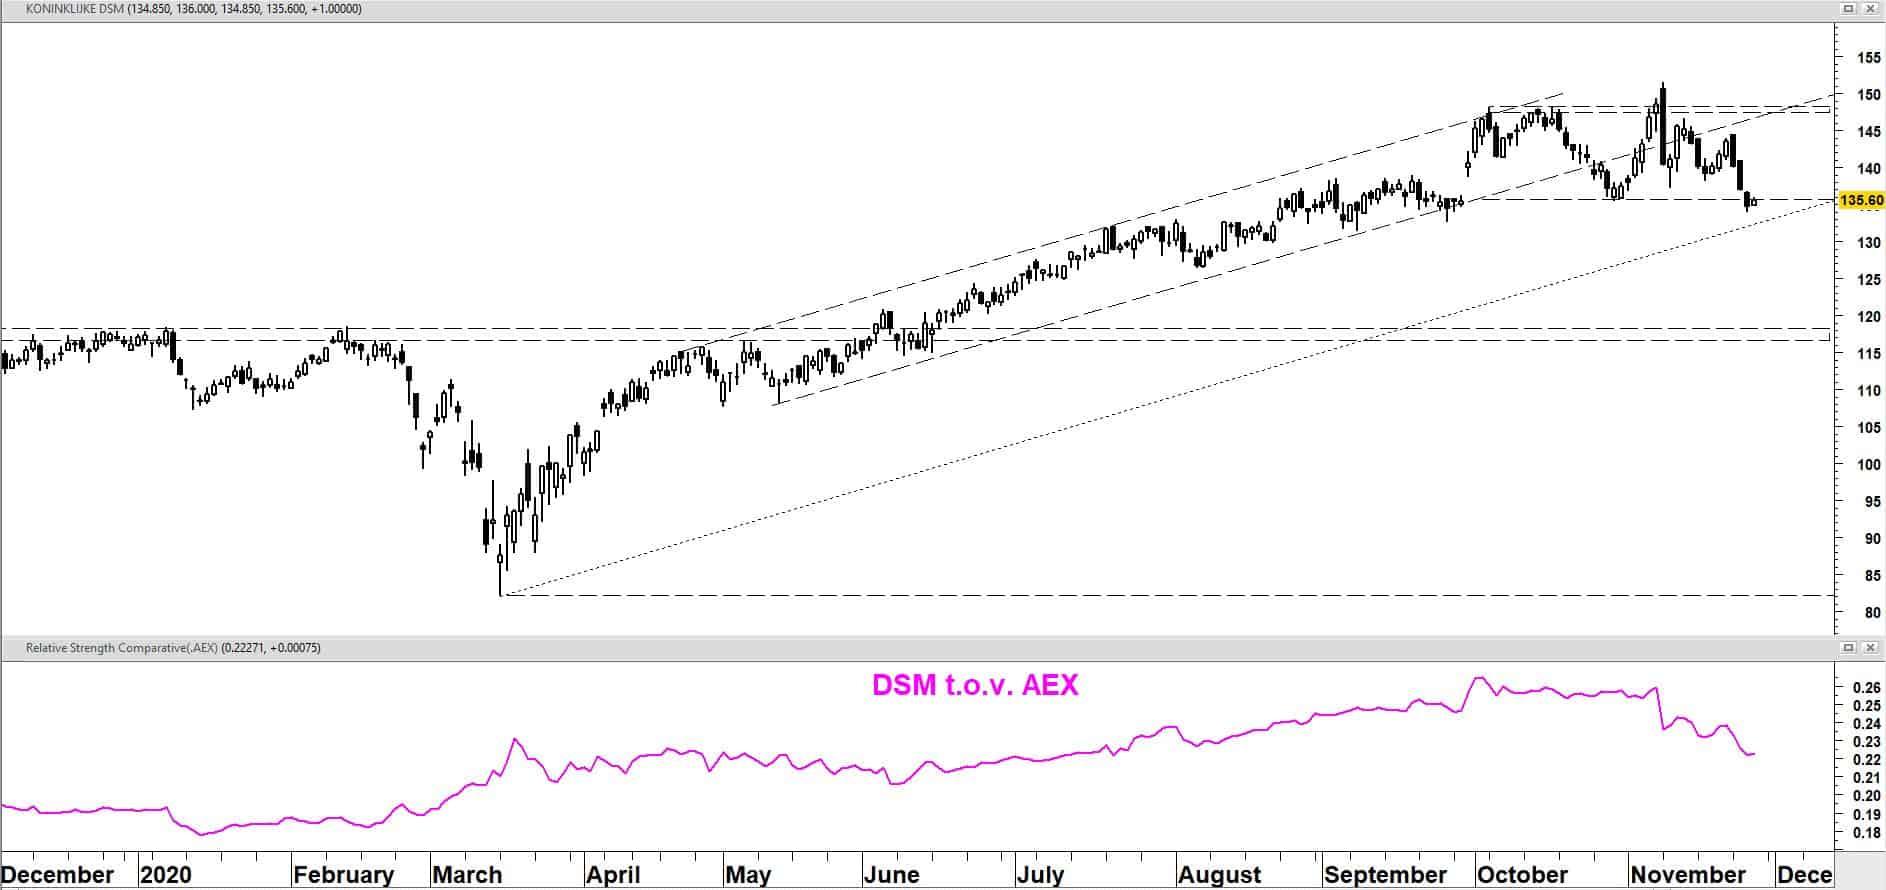 Koninklijke DSM vanaf december 2019 + relatieve sterkte t.o.v. AEX-index